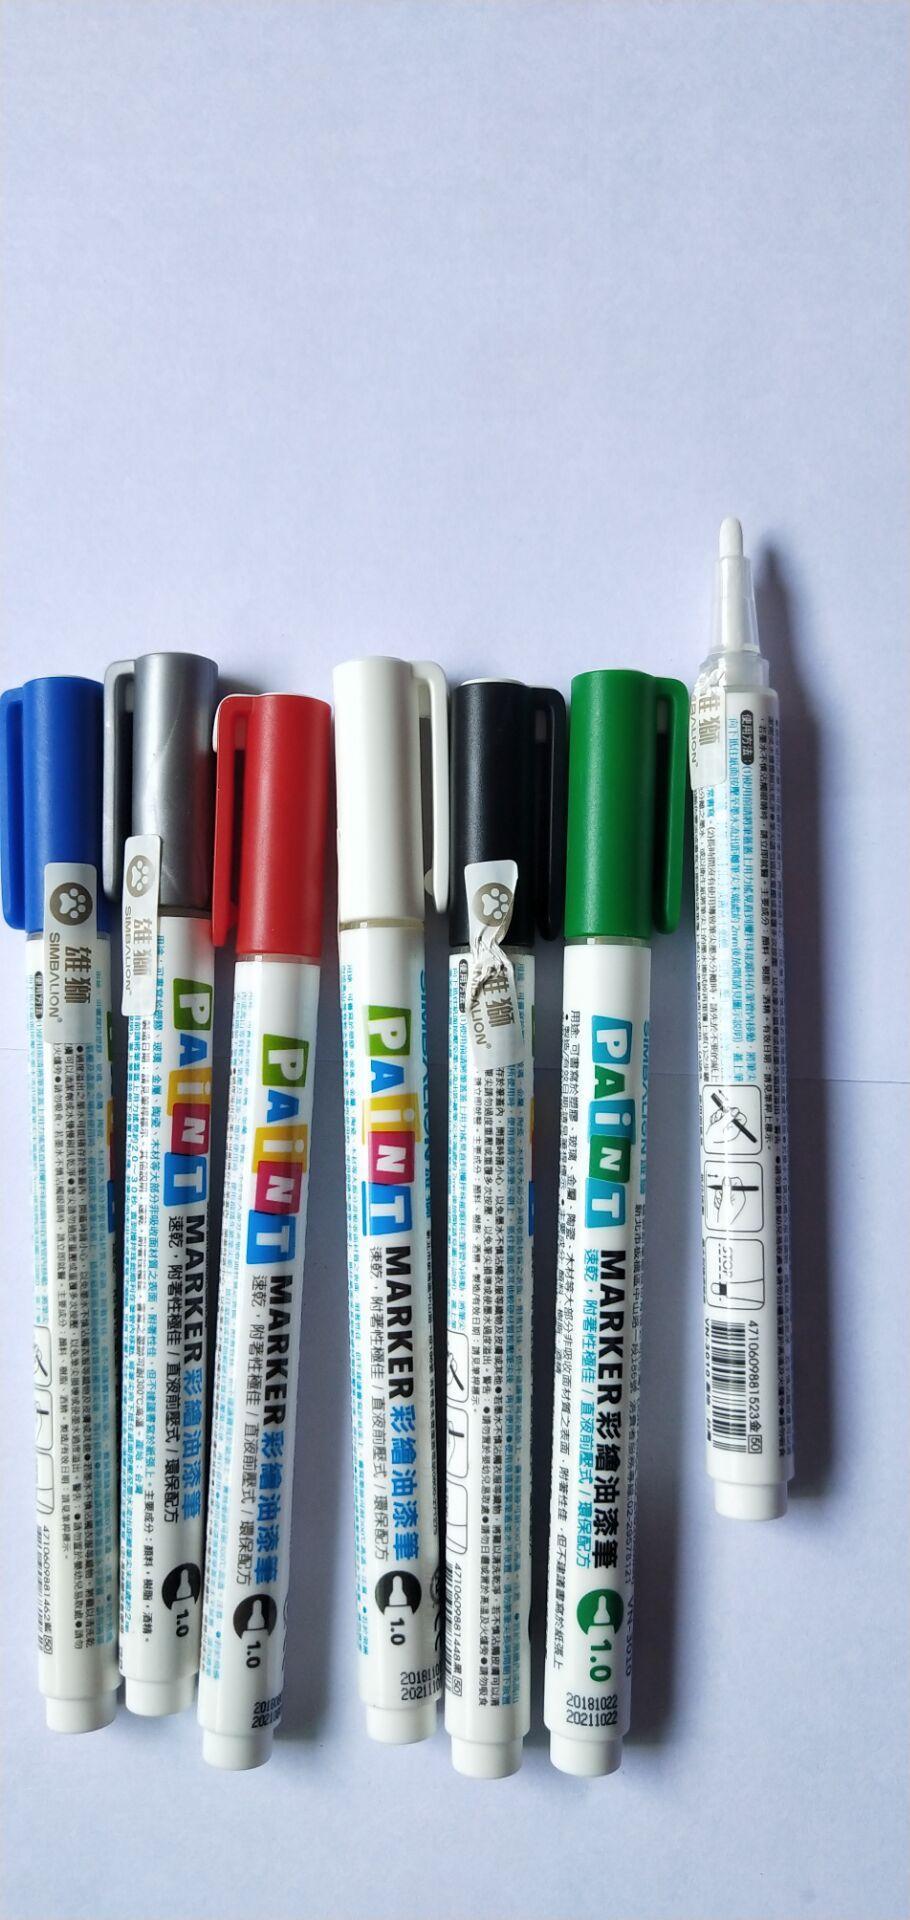 台湾雄狮MARKER彩绘油漆笔(VN-3010)耐高温 正品保证提供SGS 4